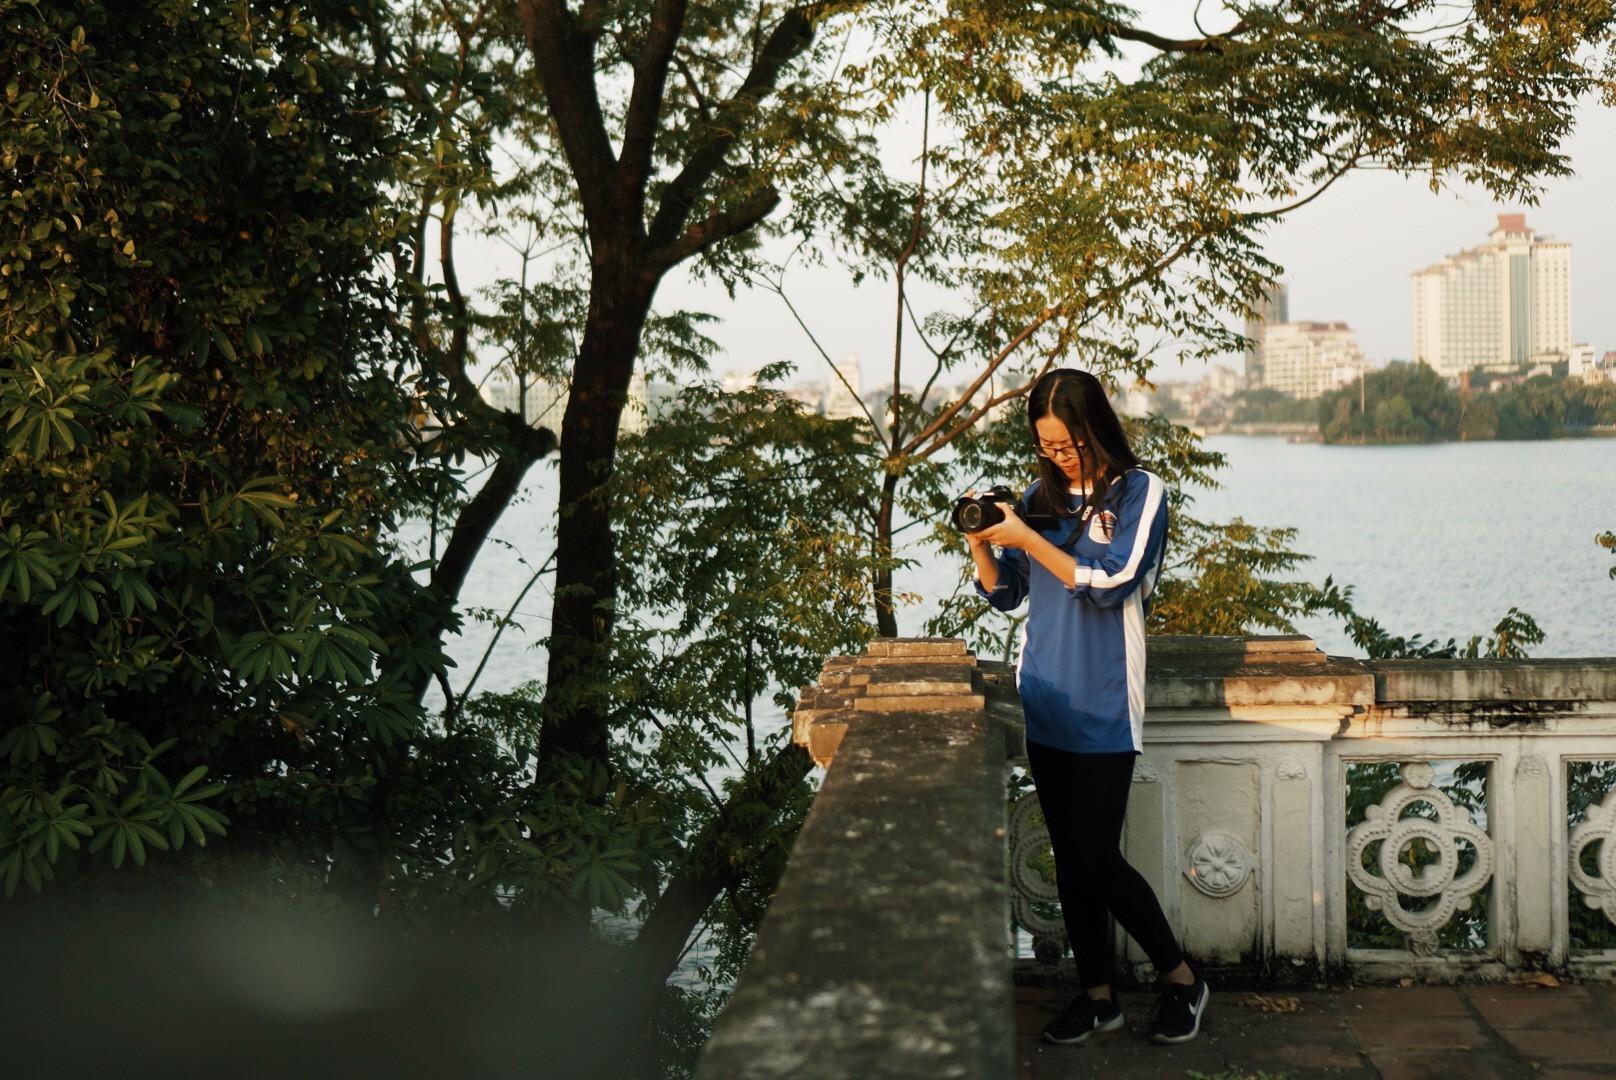 Ngôi trường lâu đời nhất Hà Nội - 110 năm qua vẫn vẹn nguyên vẻ đẹp yên bình, rêu phong và thách thức thời gian-39